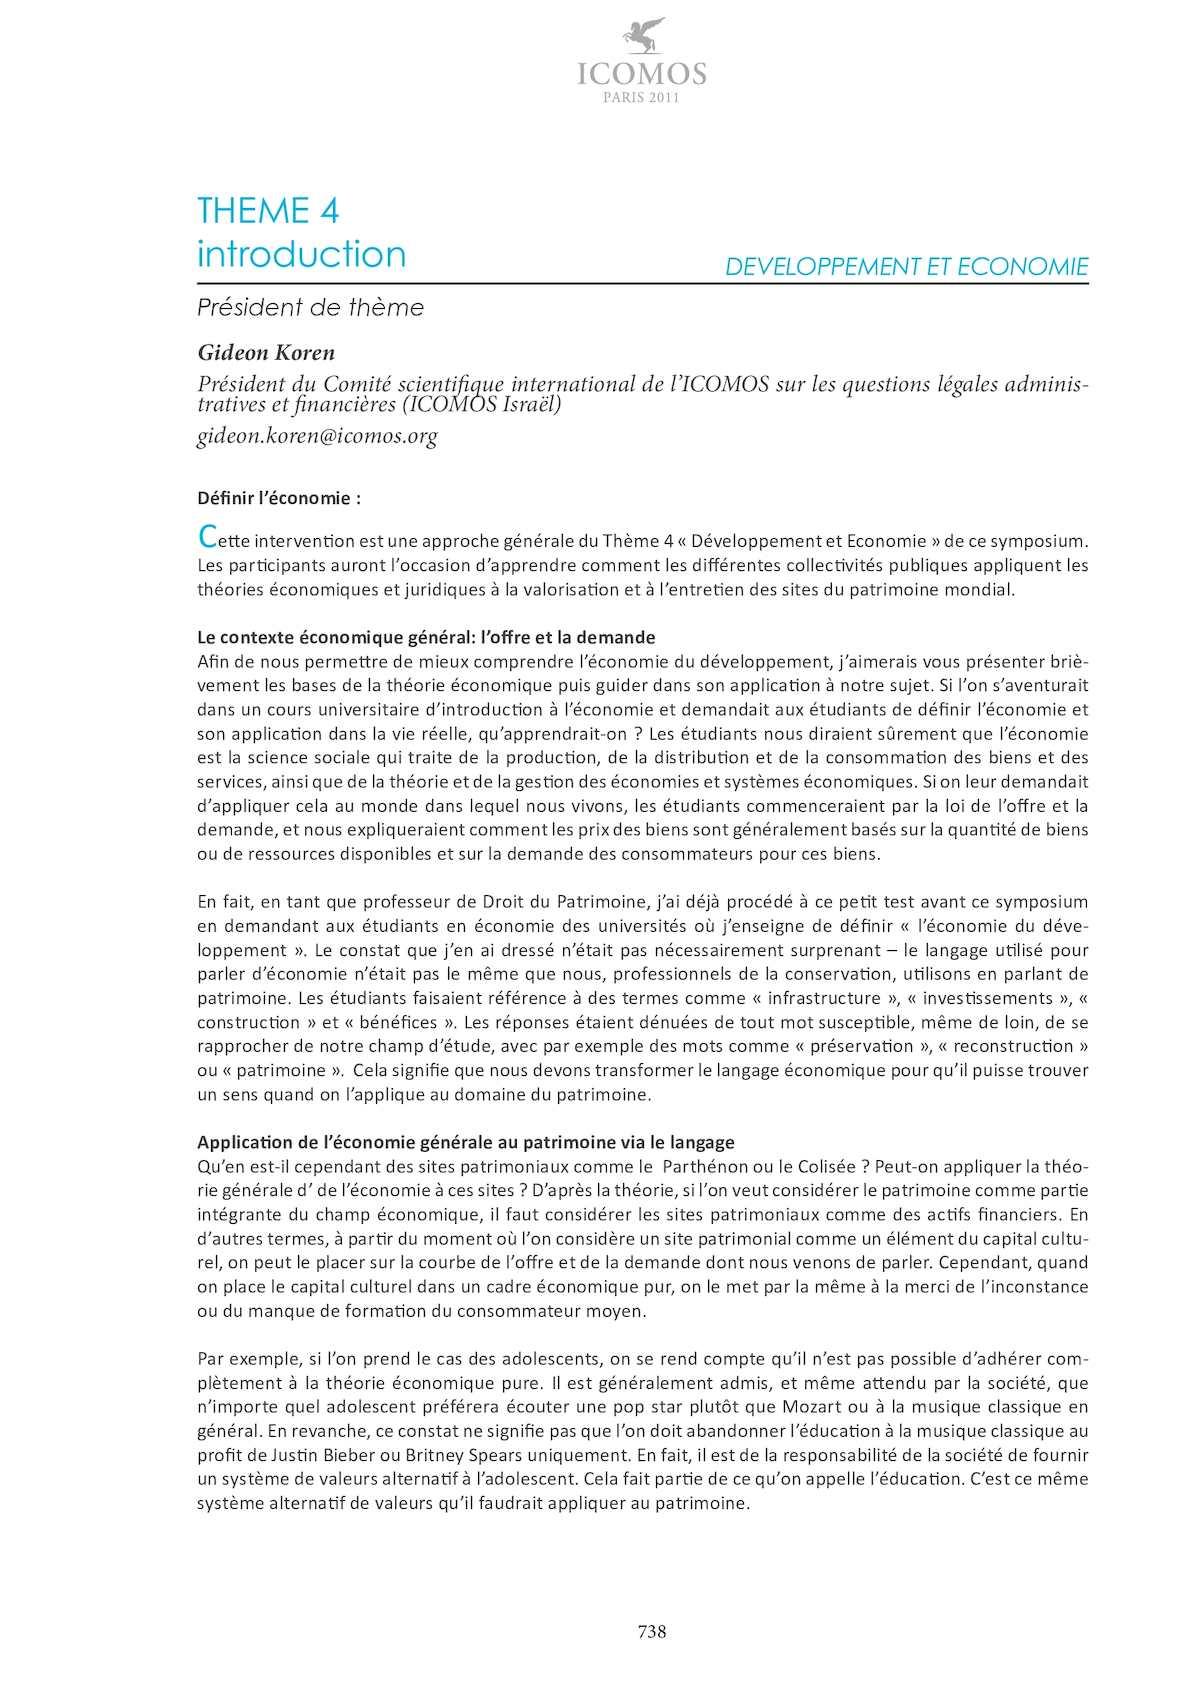 Calaméo Actes Numériques Symposium De La 17ème Assemblée